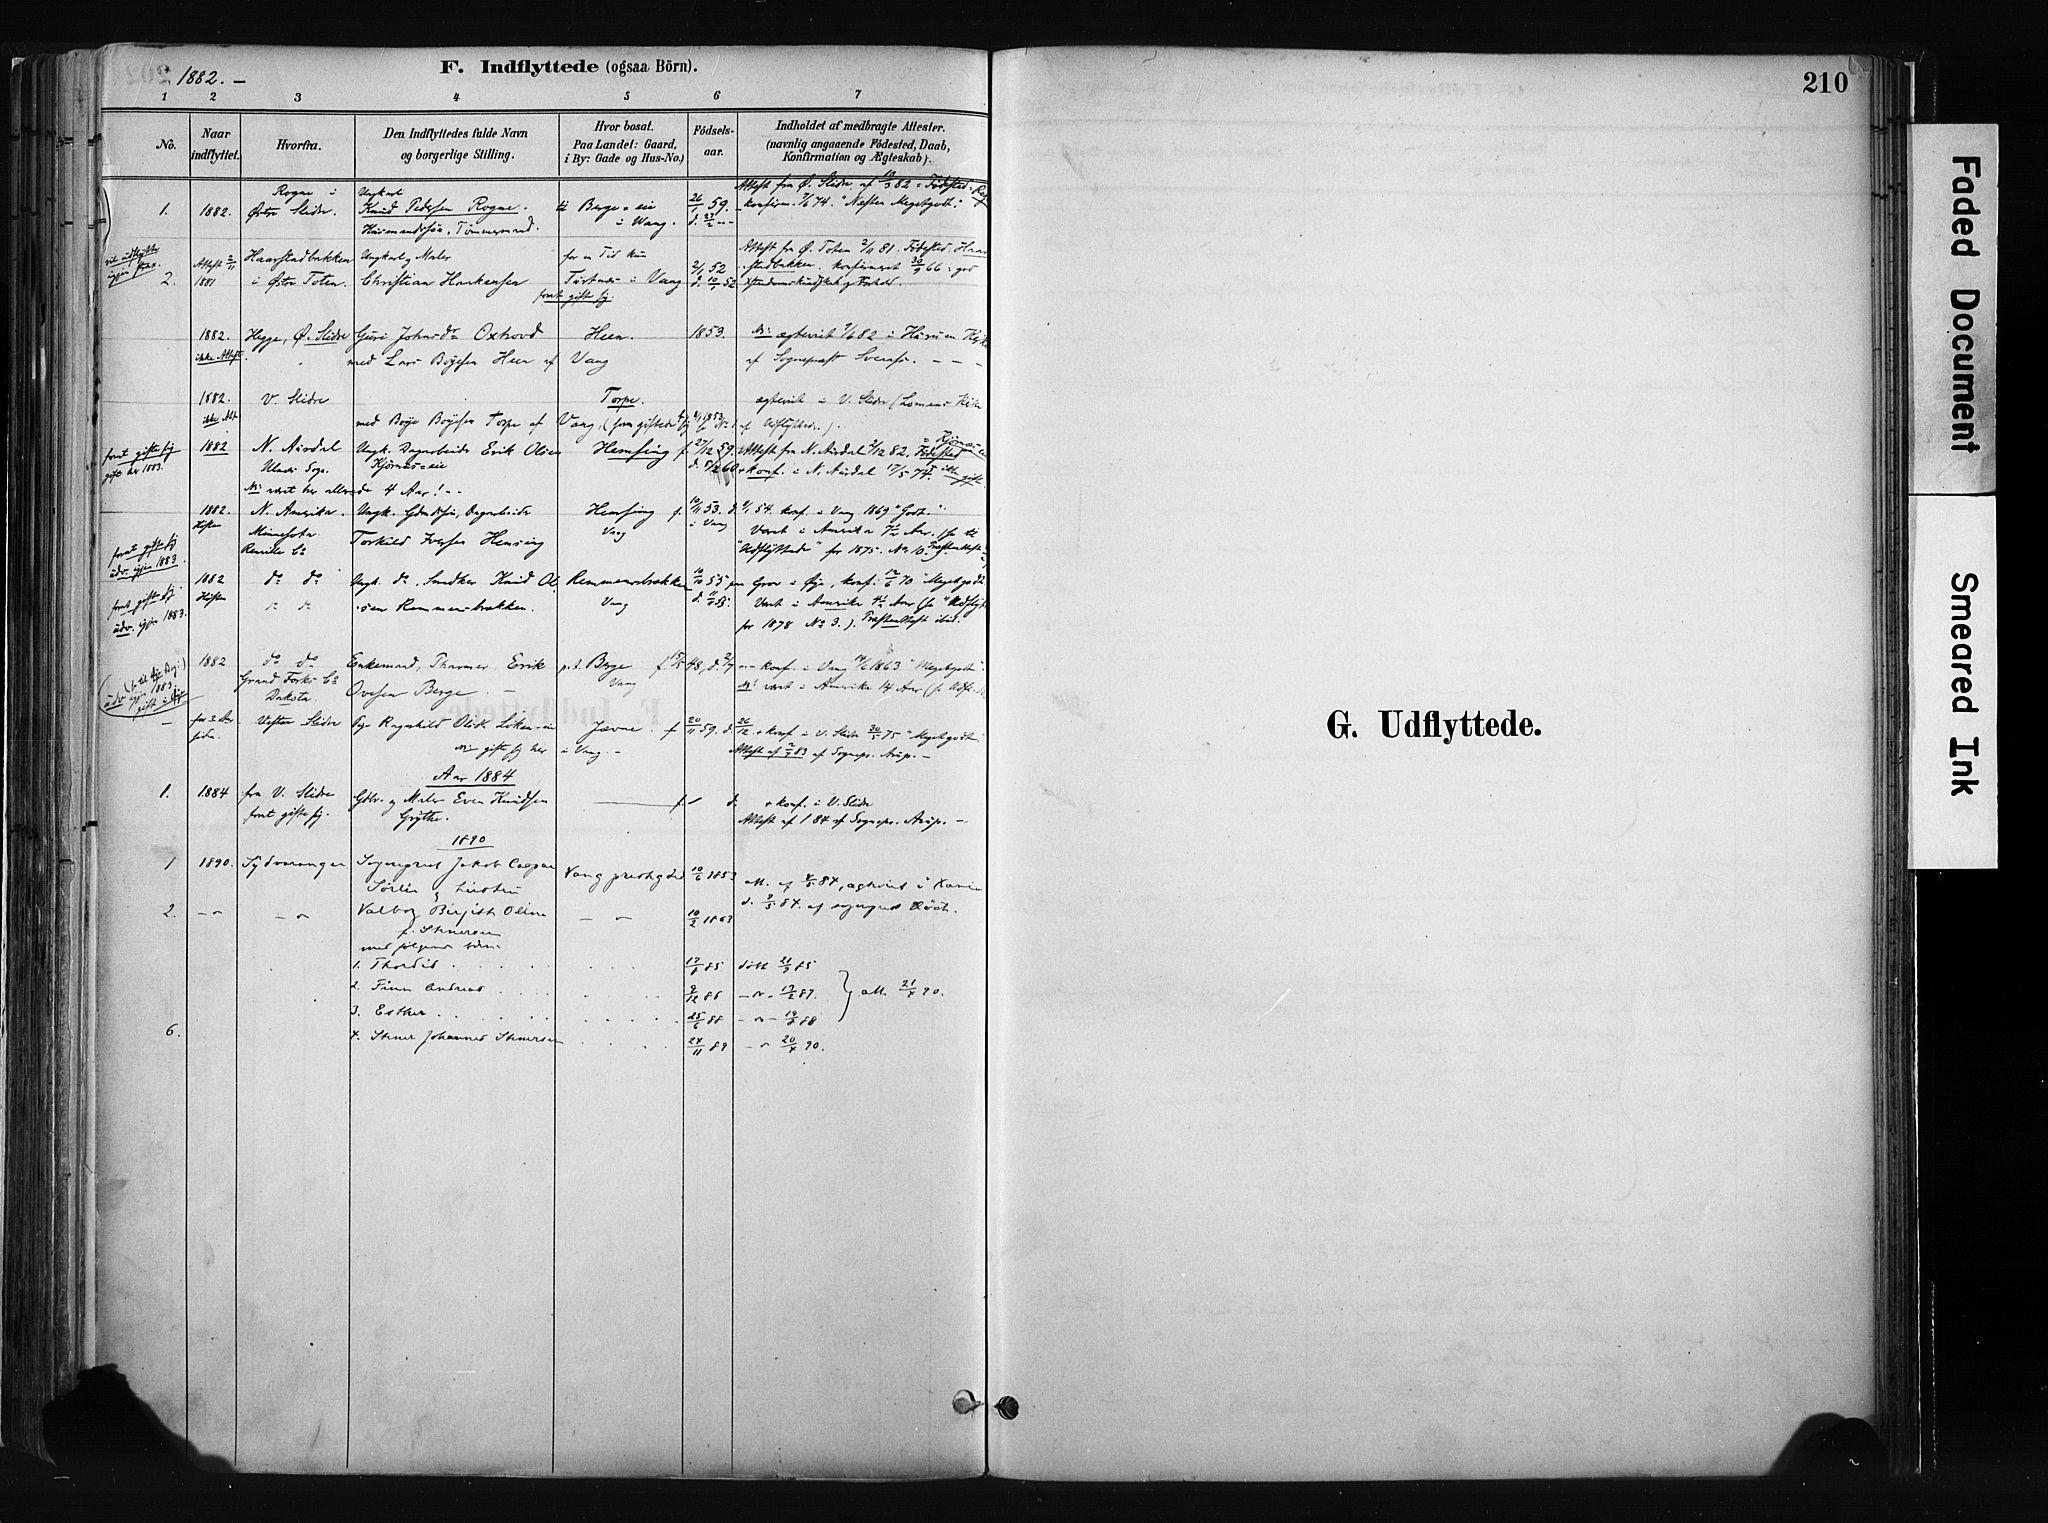 SAH, Vang prestekontor, Valdres, Ministerialbok nr. 8, 1882-1910, s. 210